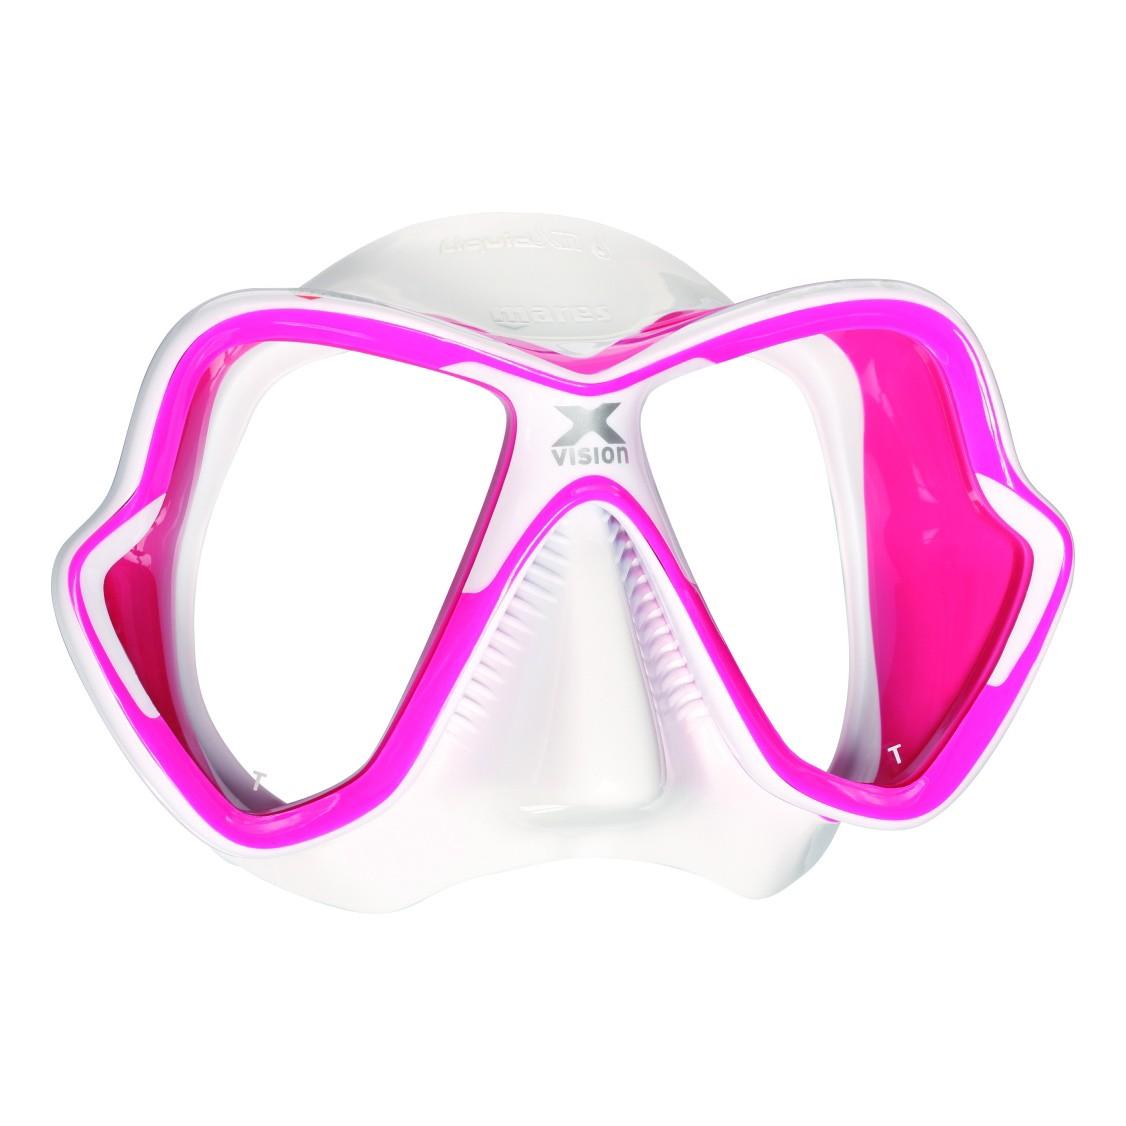 Mares X Vision Liquidskin Mask Pink